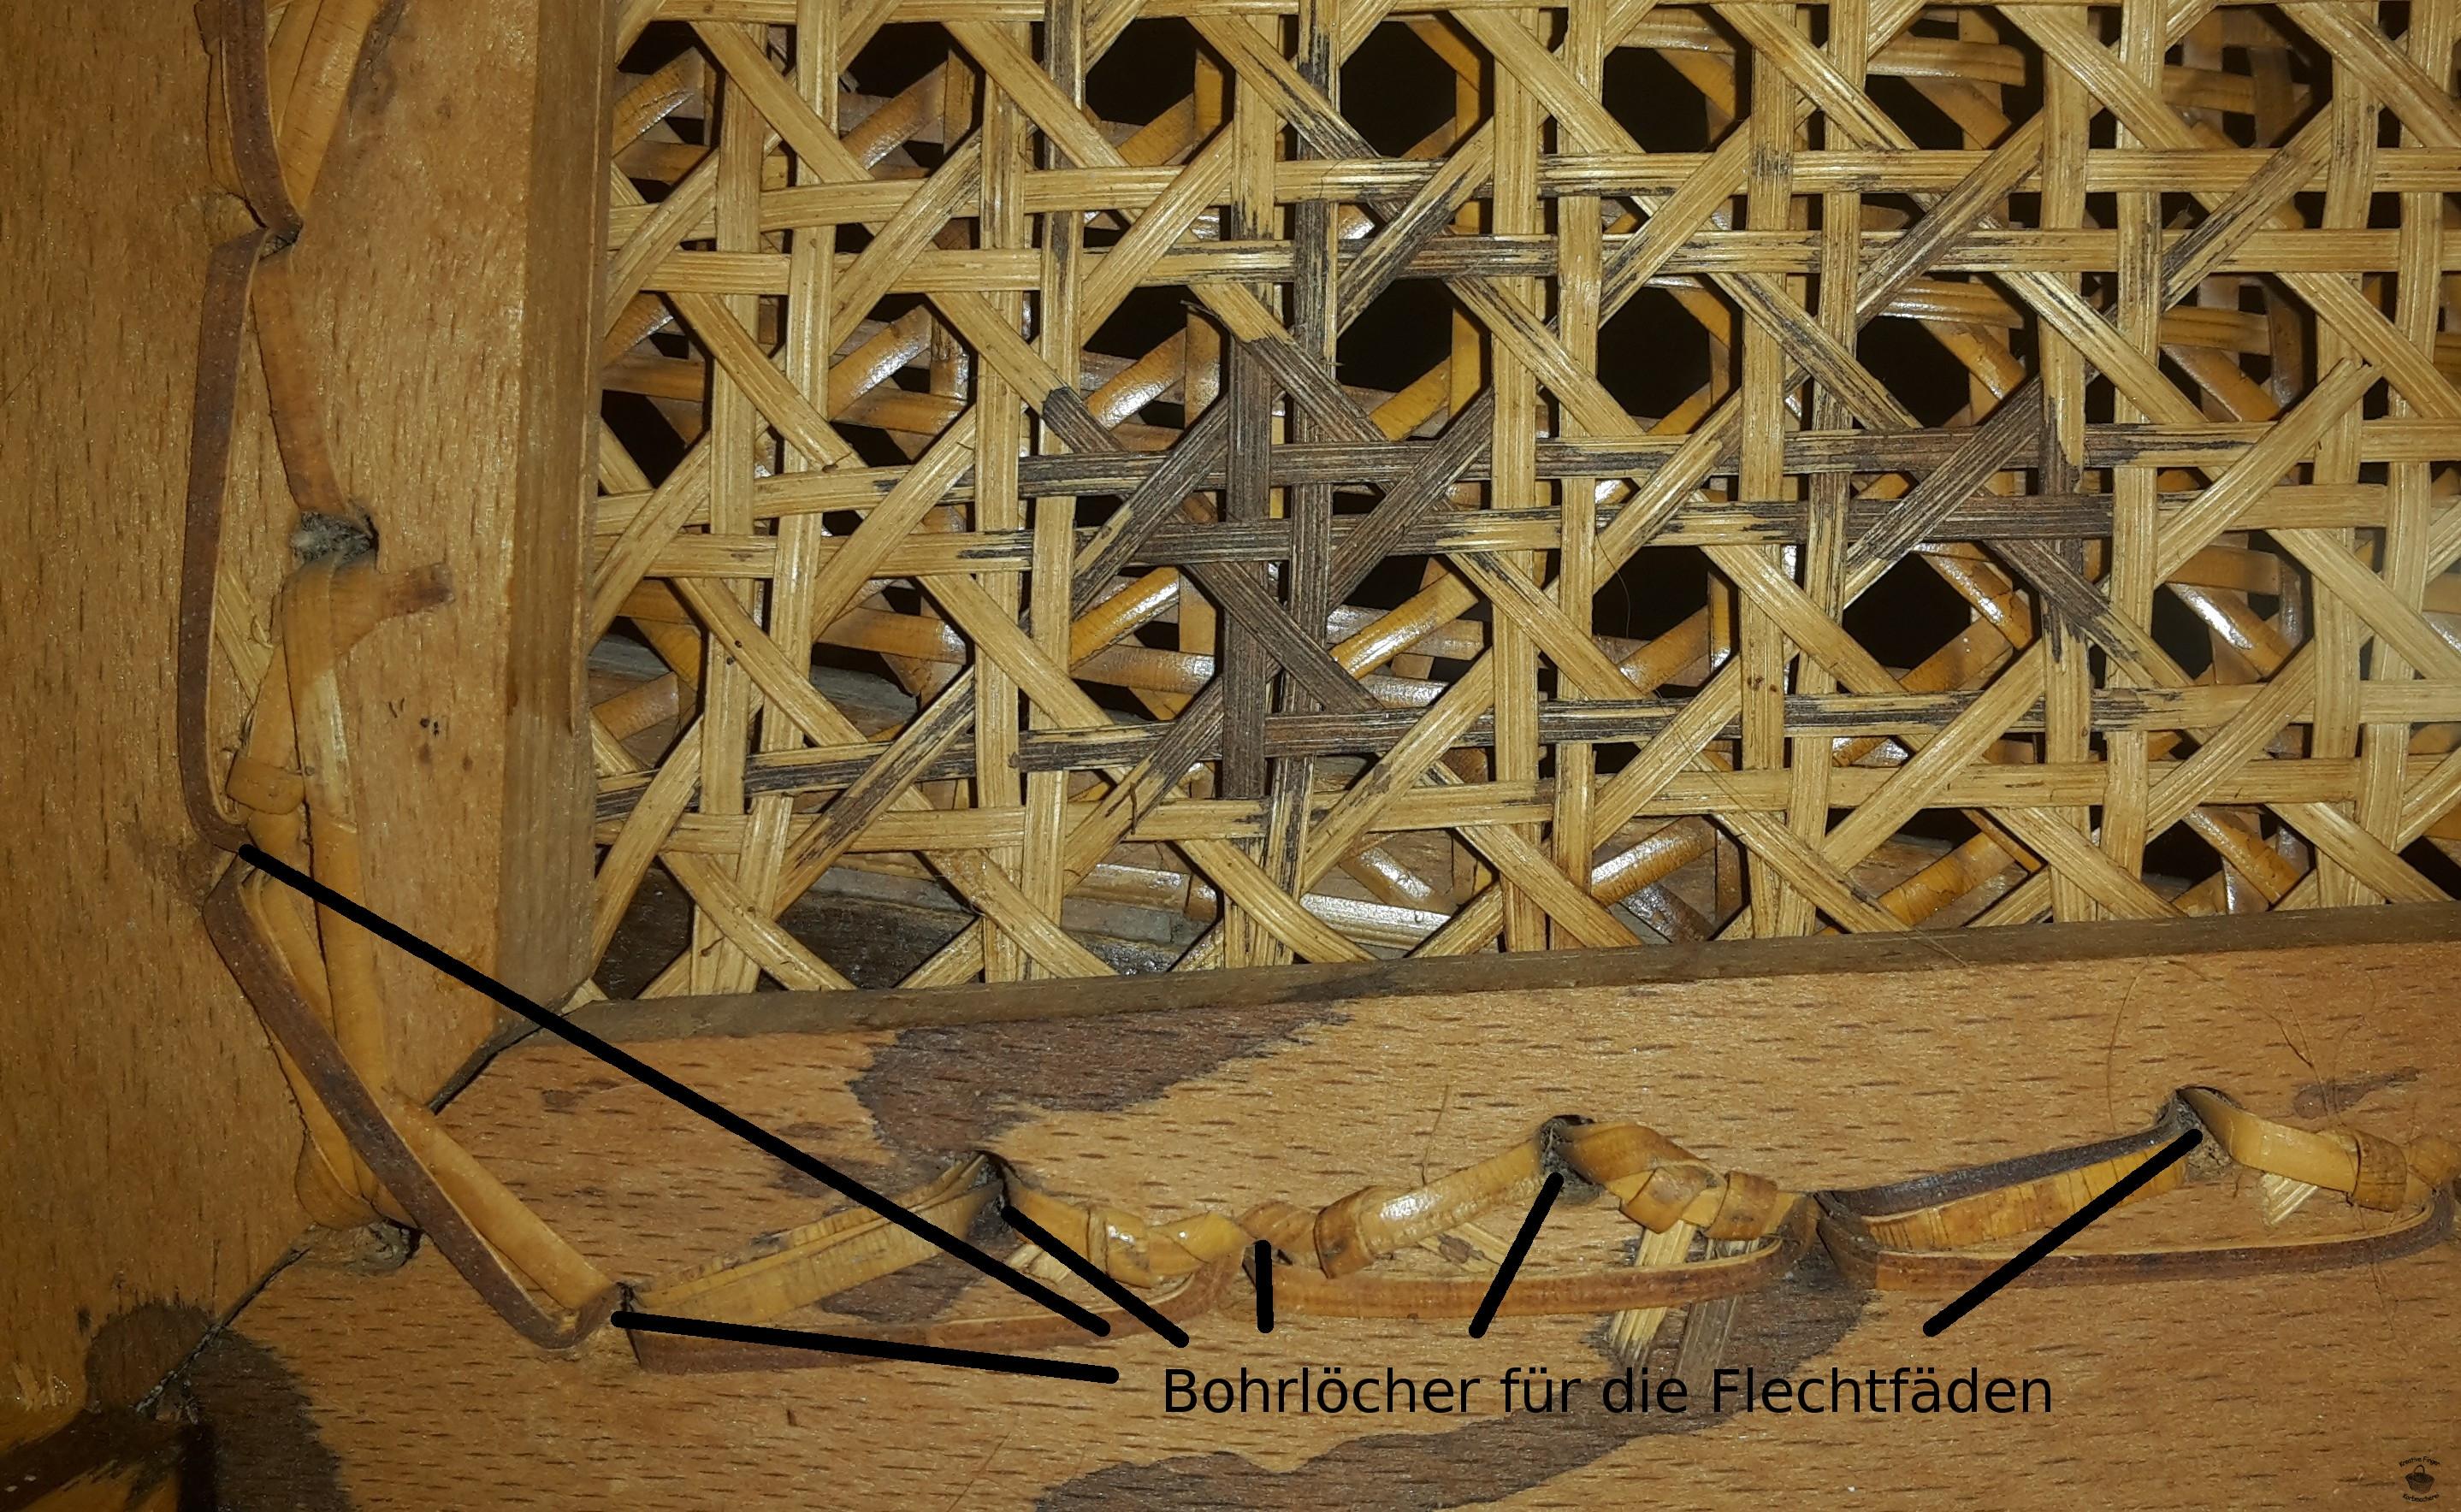 Reparabel: Stuhlgeflecht aus einzelnen Fäden und Bohrlöcher von unten erkennbar